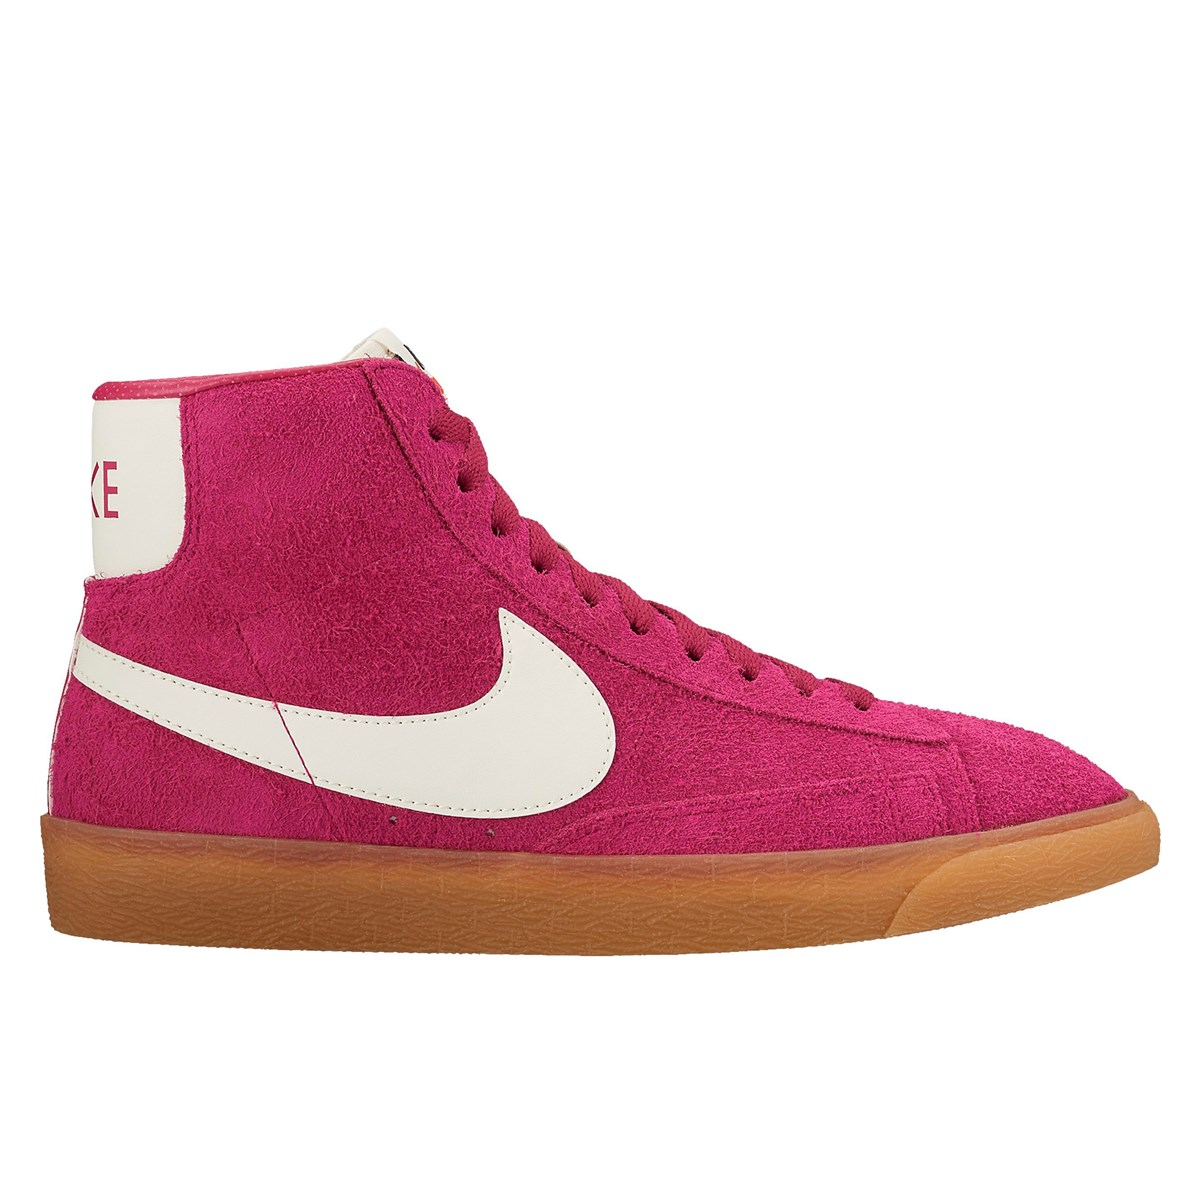 online store aa6d8 c74e1 Women's Blazer Mid Suede Vintage Pink Sneaker. Previous. default view; ALT1